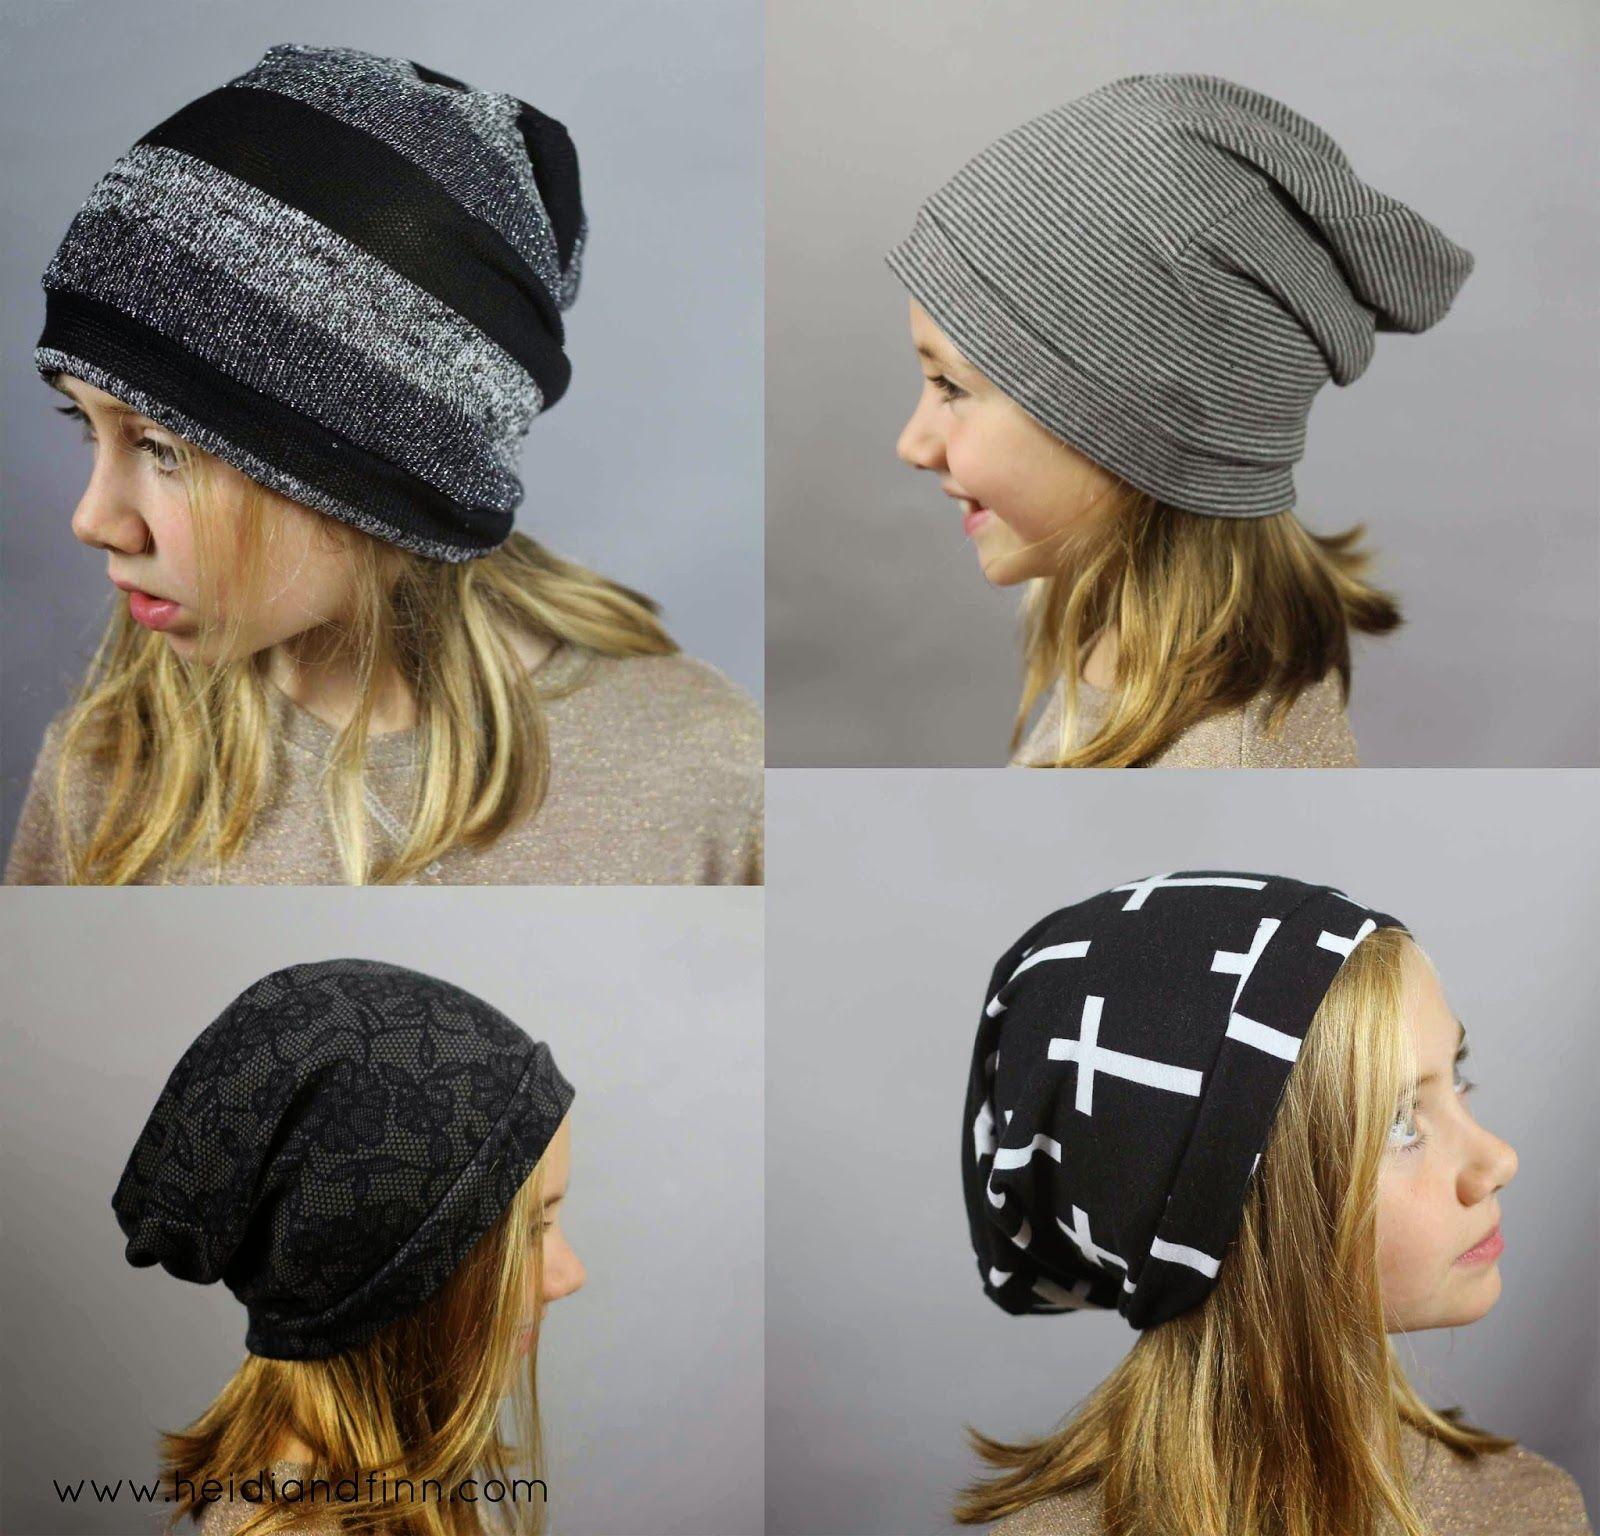 3a31b08390c HeidiandFinn moderne porte pour les enfants  Slouchy Beanie Hat - Patron  gratuit pour les vêtements